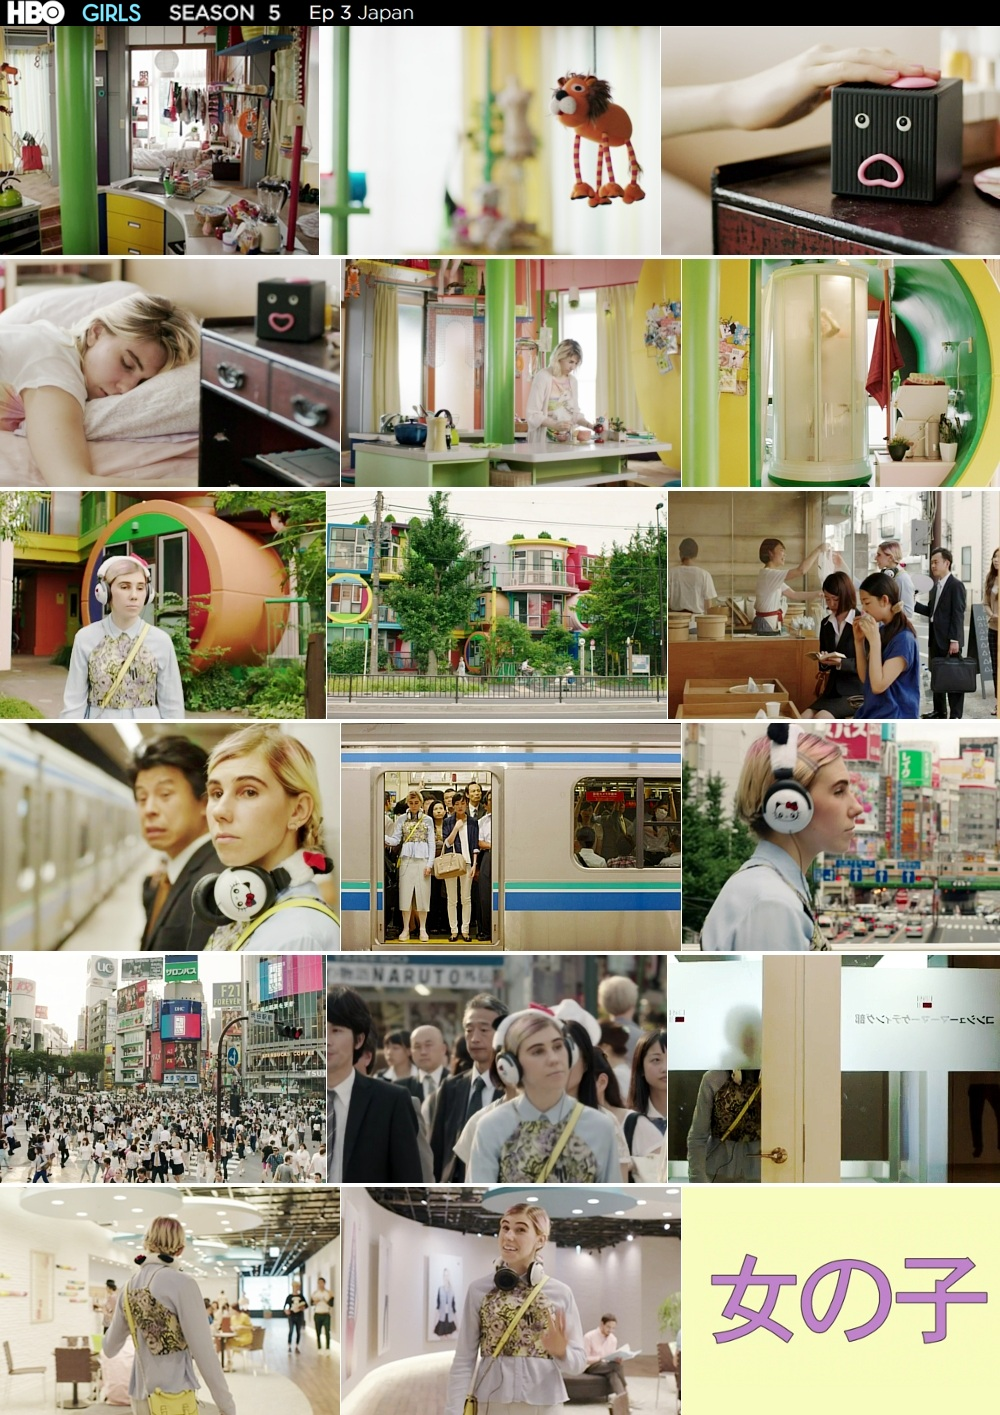 米ドラマ「GIRLS」シーズン5第3話、第5話の日本ロケ・シーンまとめ_b0007805_7505585.jpg